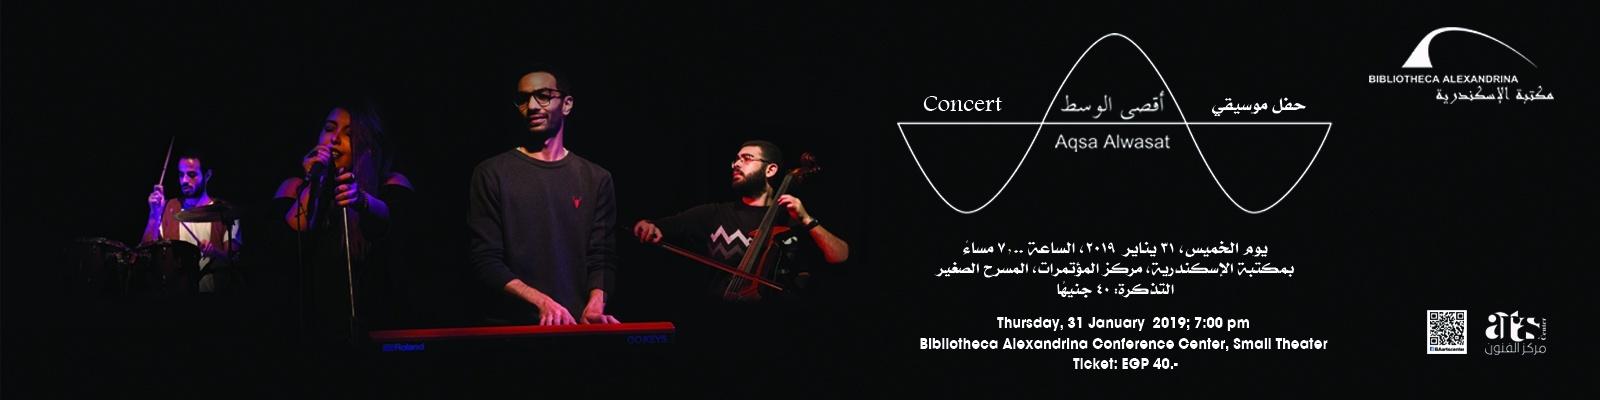 Concert: Aqsa El-Wasat